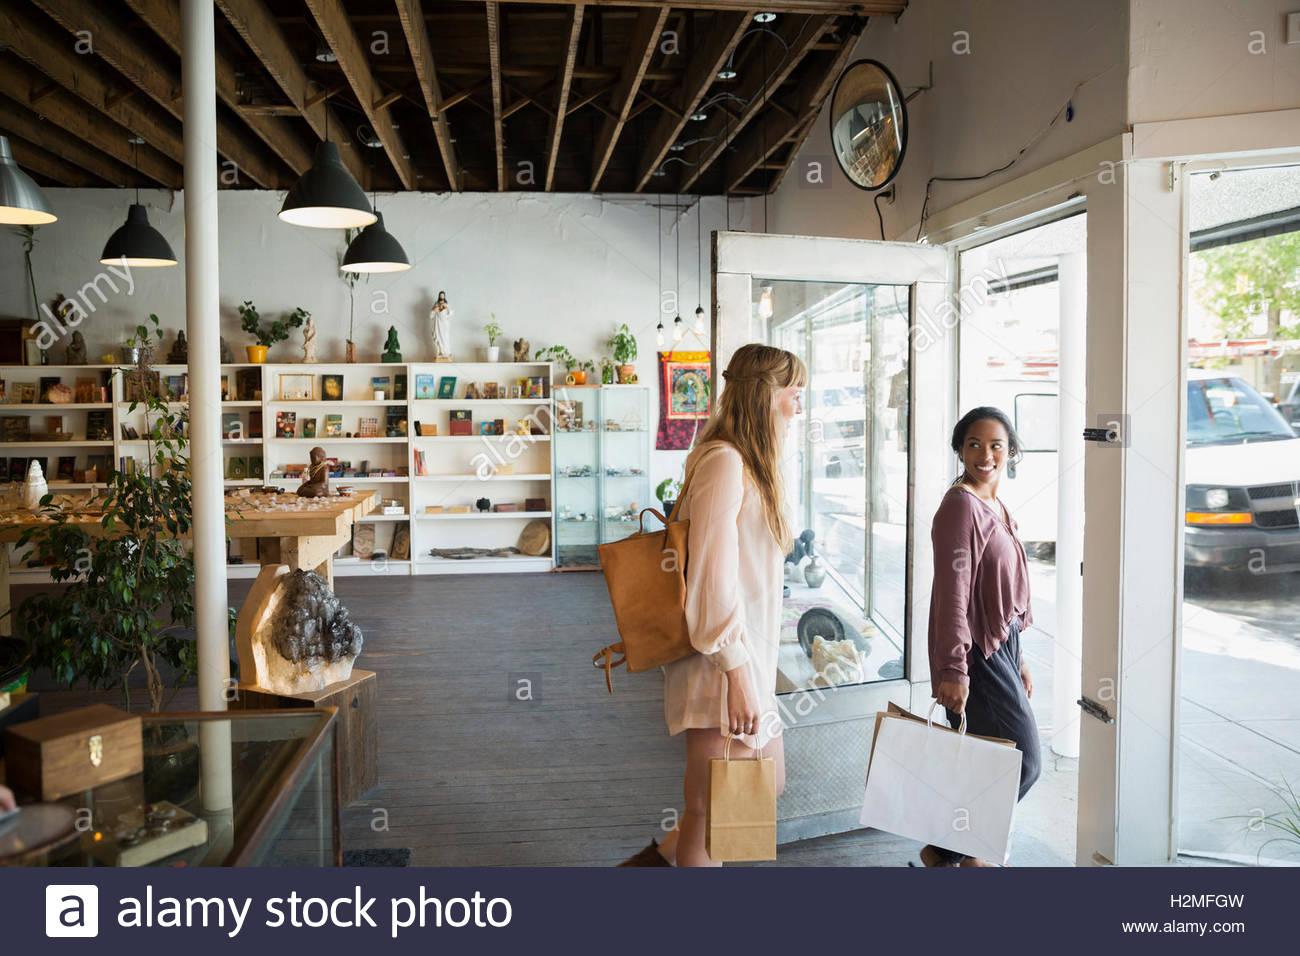 Le donne amici lasciando il new age shop con borse per lo shopping Immagini Stock